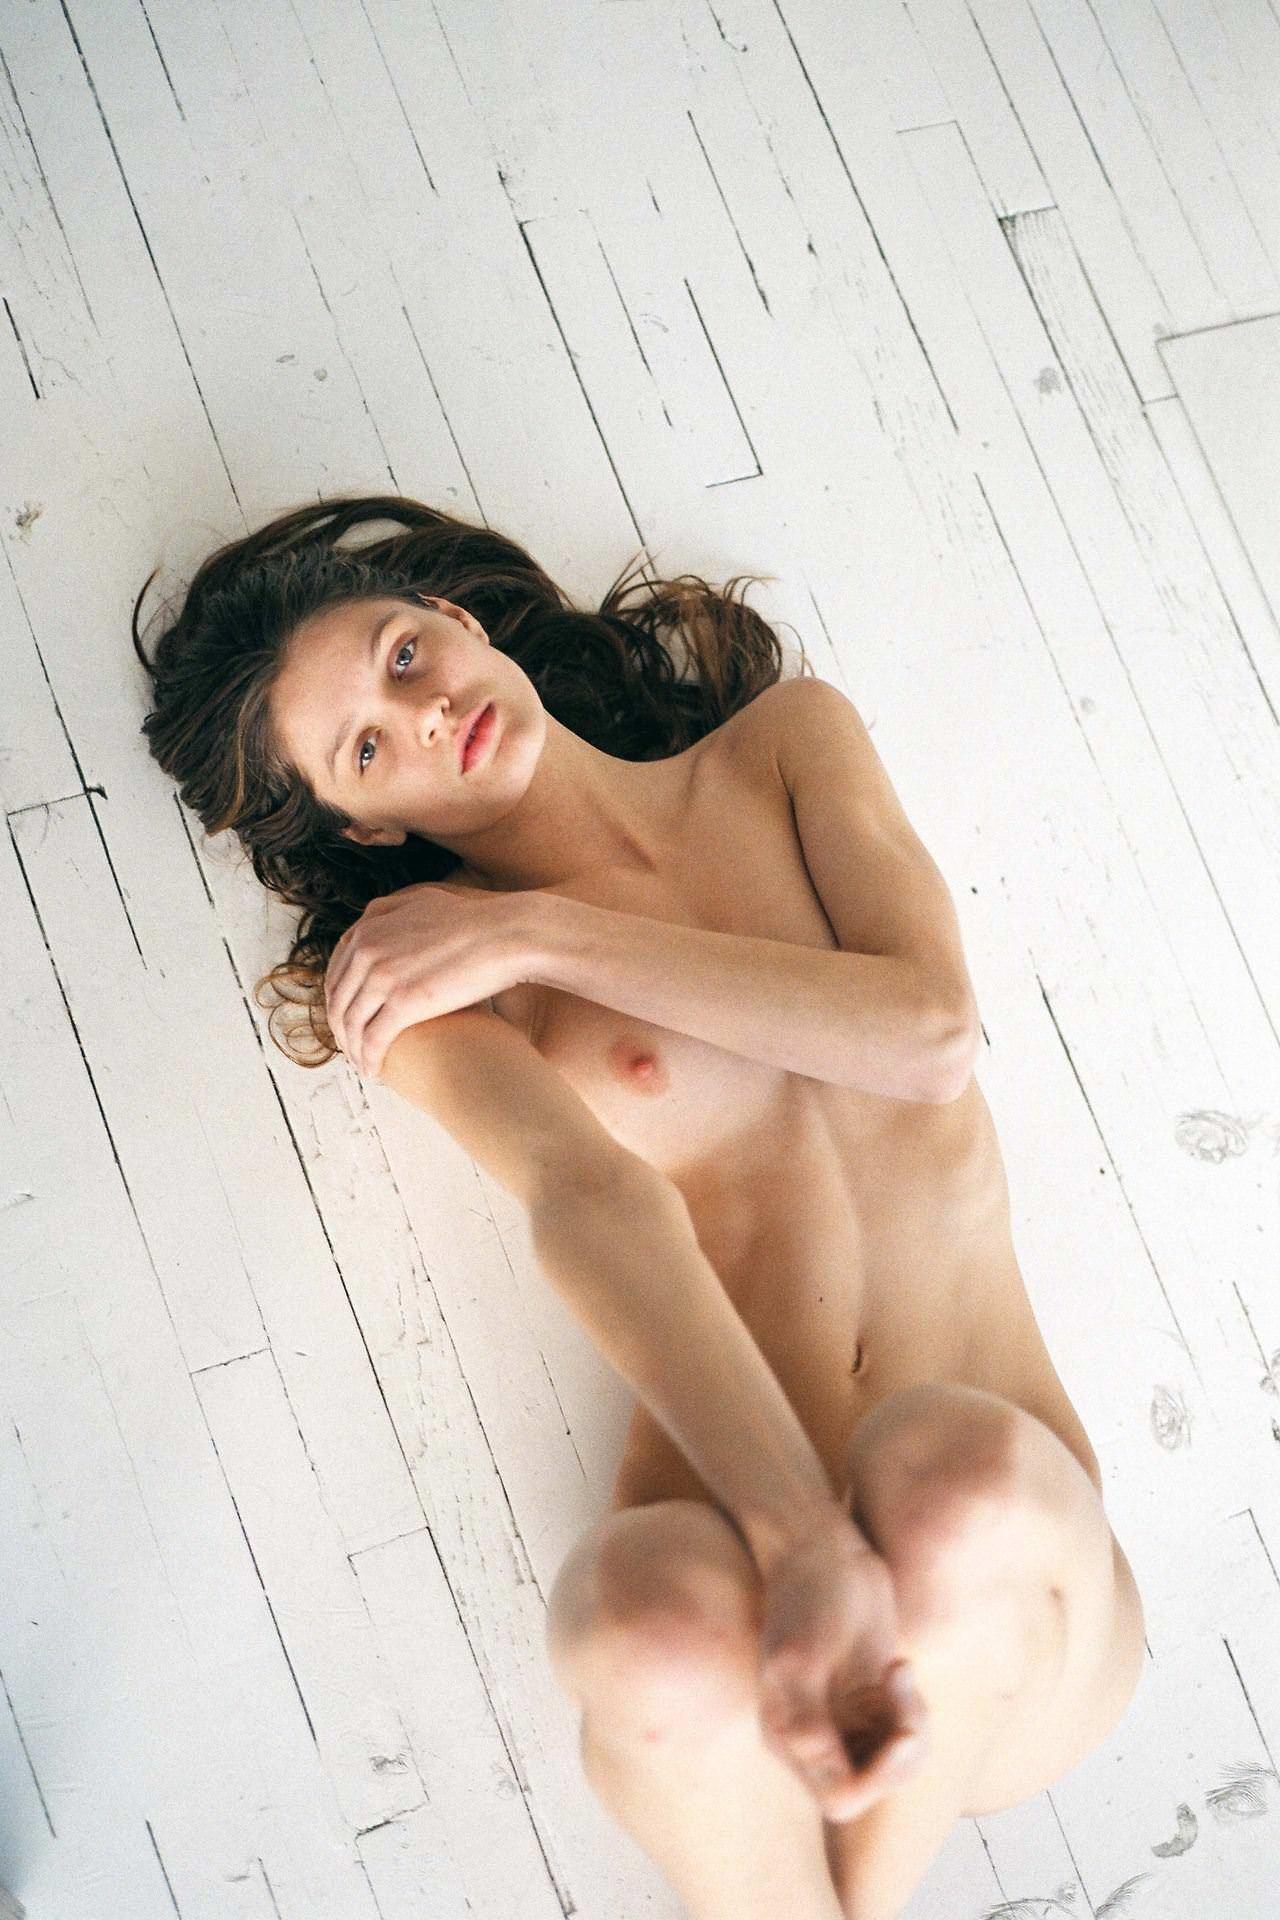 【外人】アメリカ人モデルの超絶美女リベカ・アンダーヒル(Rebekah Underhill)のフルヌードポルノ画像 13210